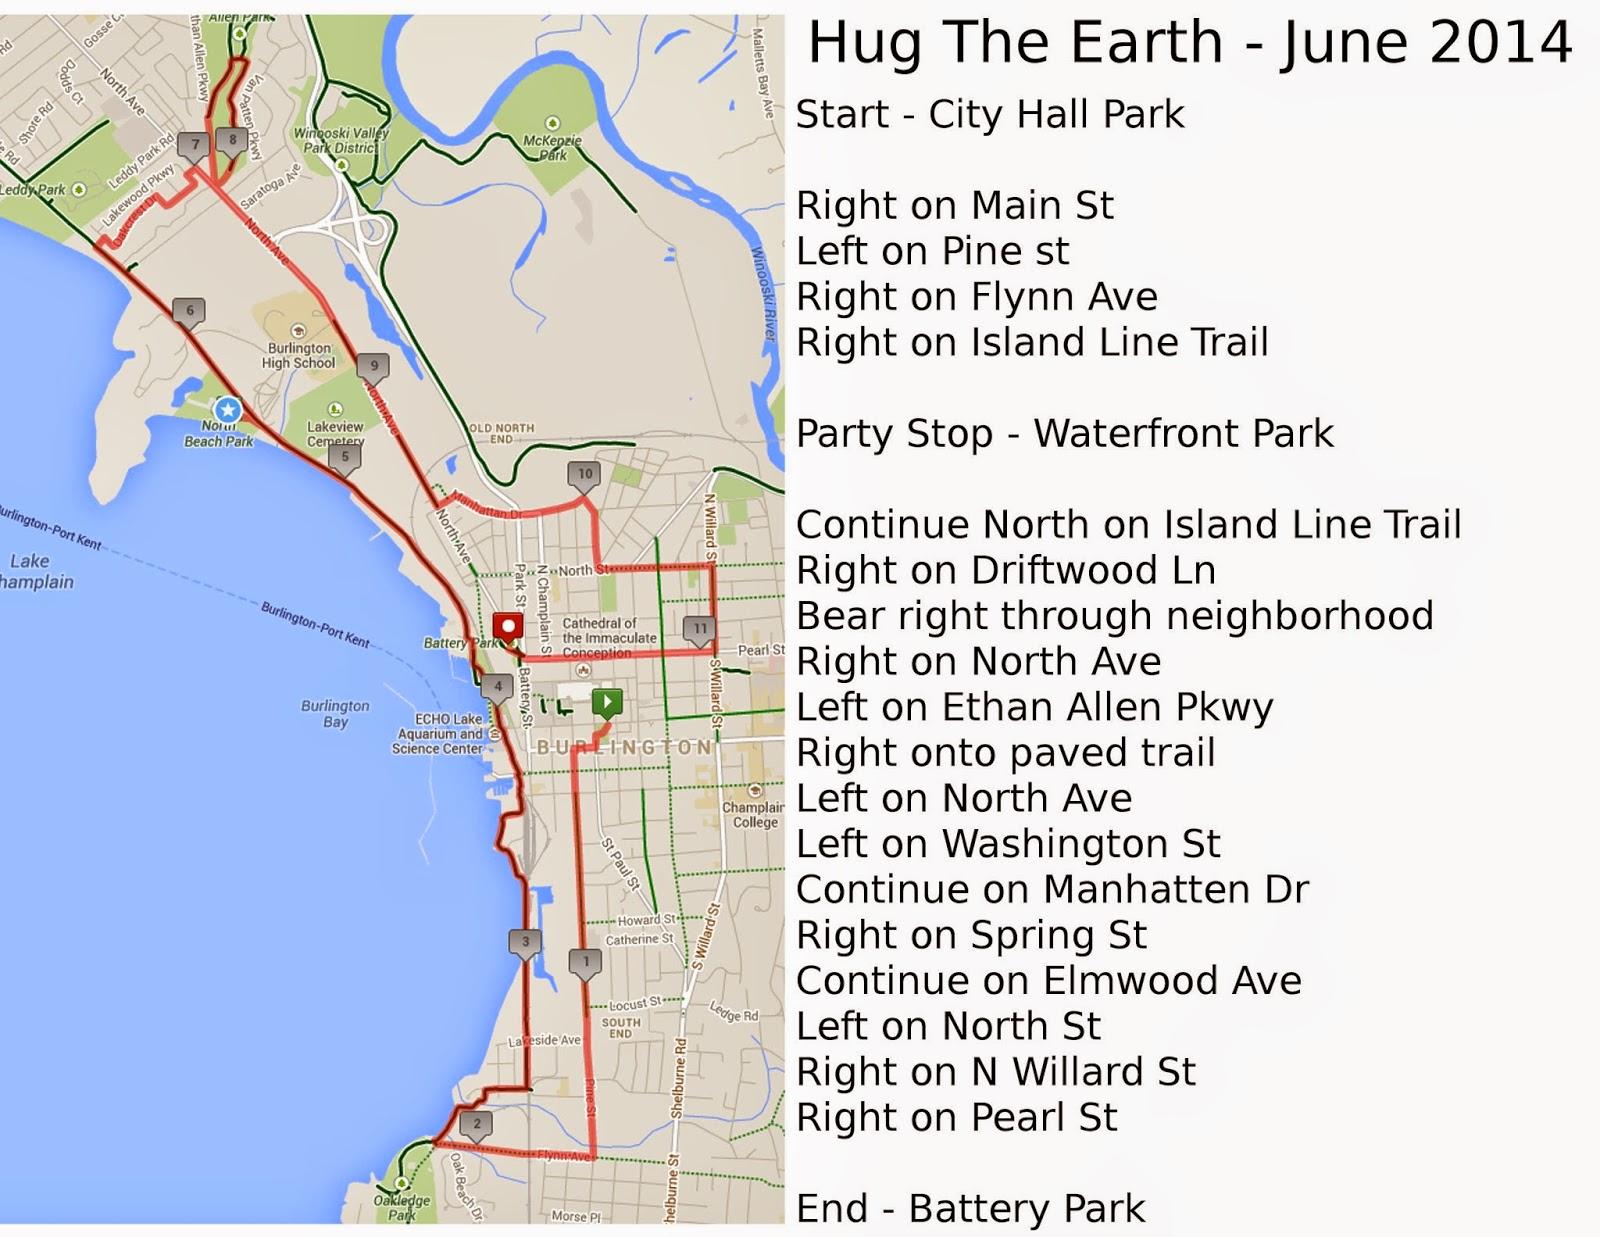 http://2.bp.blogspot.com/-yhRmeIClC0I/U6zuMBdGRUI/AAAAAAAAAUk/lKeJsowb-lg/s1600/2014_June_route.jpg